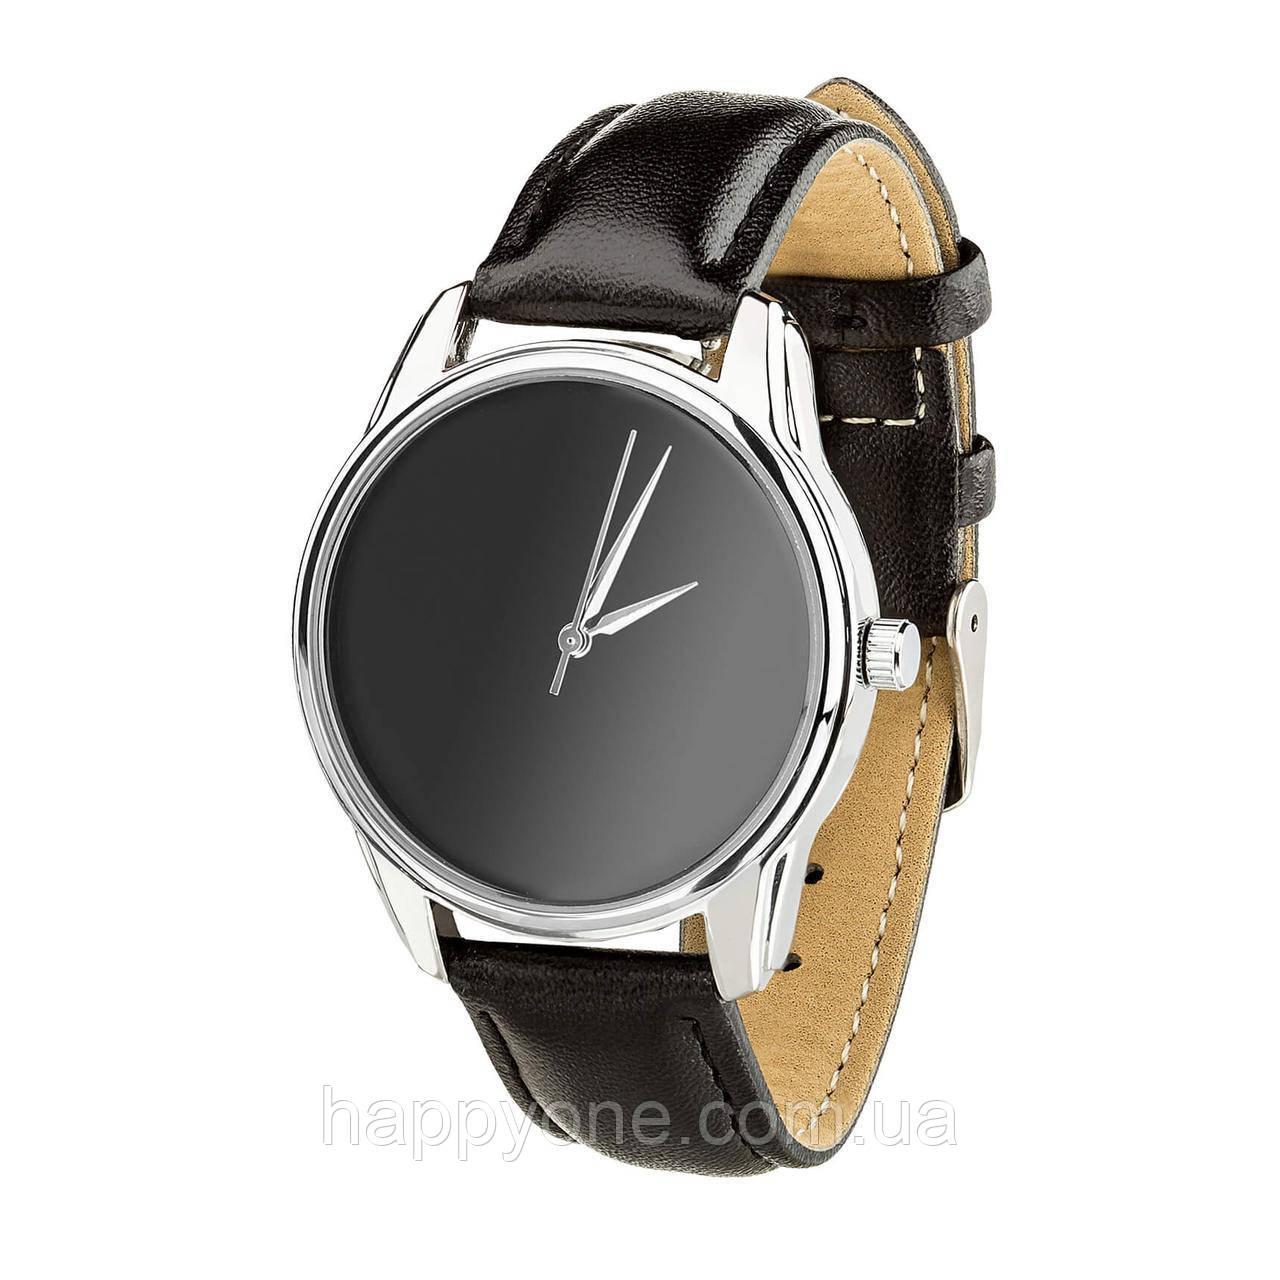 """Часы наручные """"Черный минимализм"""" (черный-серебро) + дополнительный ремешок"""